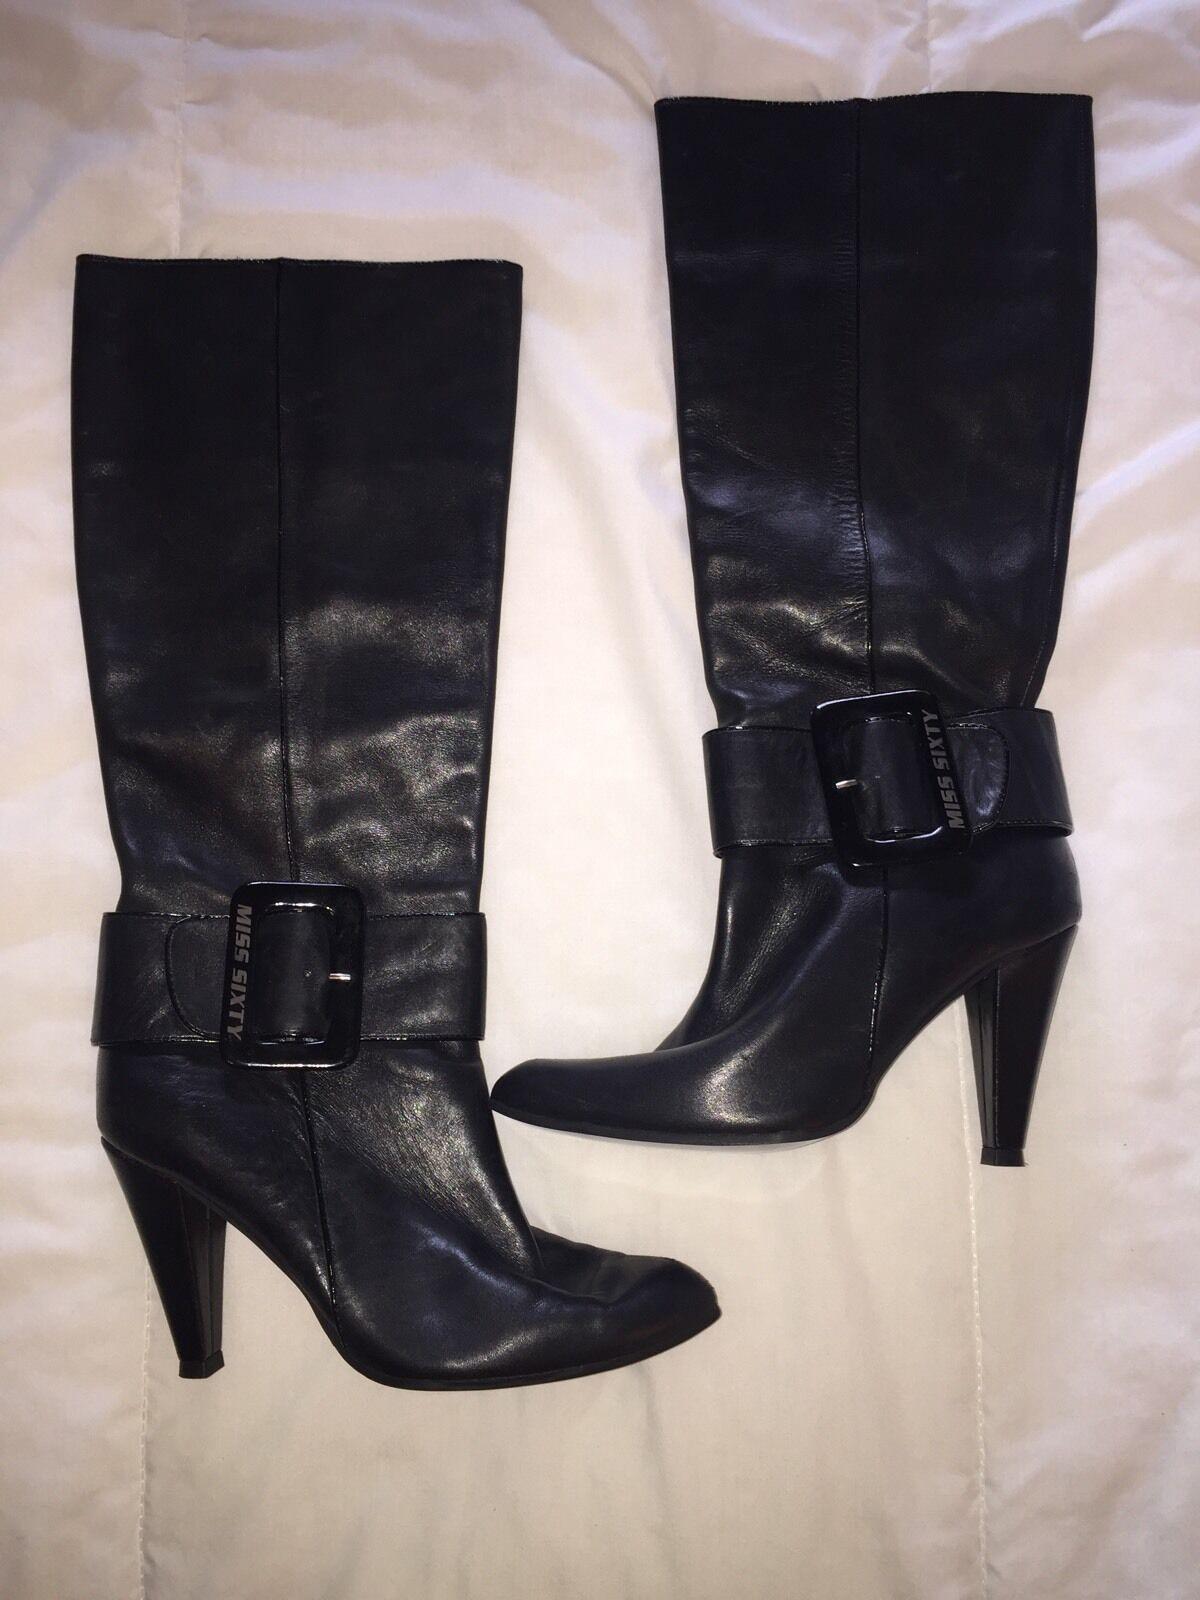 all'ingrosso economico e di alta qualità Miss Miss Miss Sixty nero Leather stivali Dimensione 6  prodotti creativi